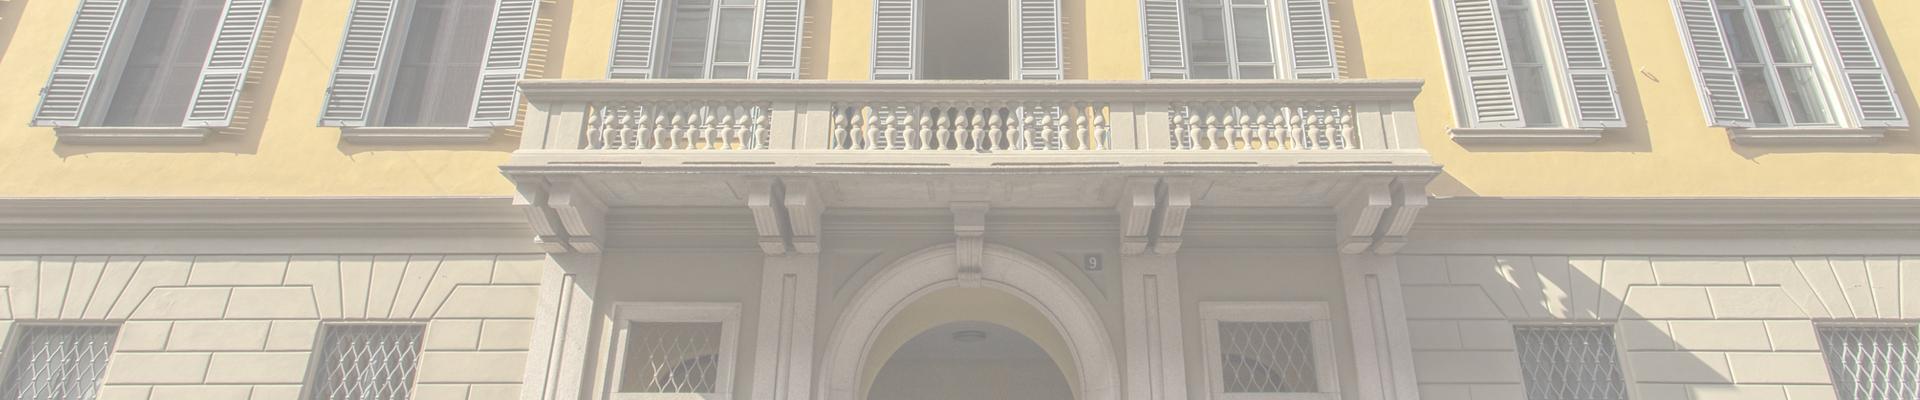 Edificio dello Studio Legale Tributario Cortinovis Cameroni Ricciardi